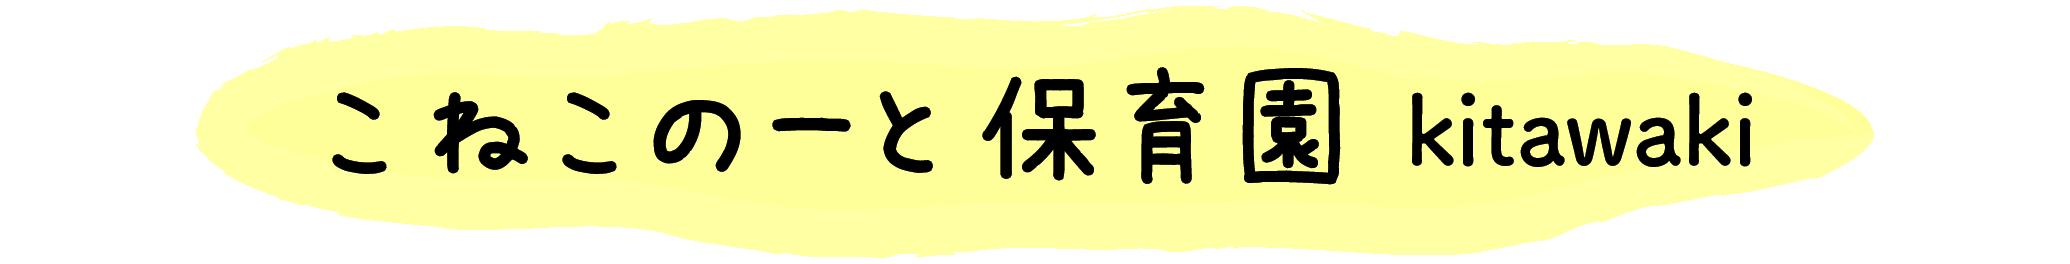 こねこのーと保育園 kitawaki